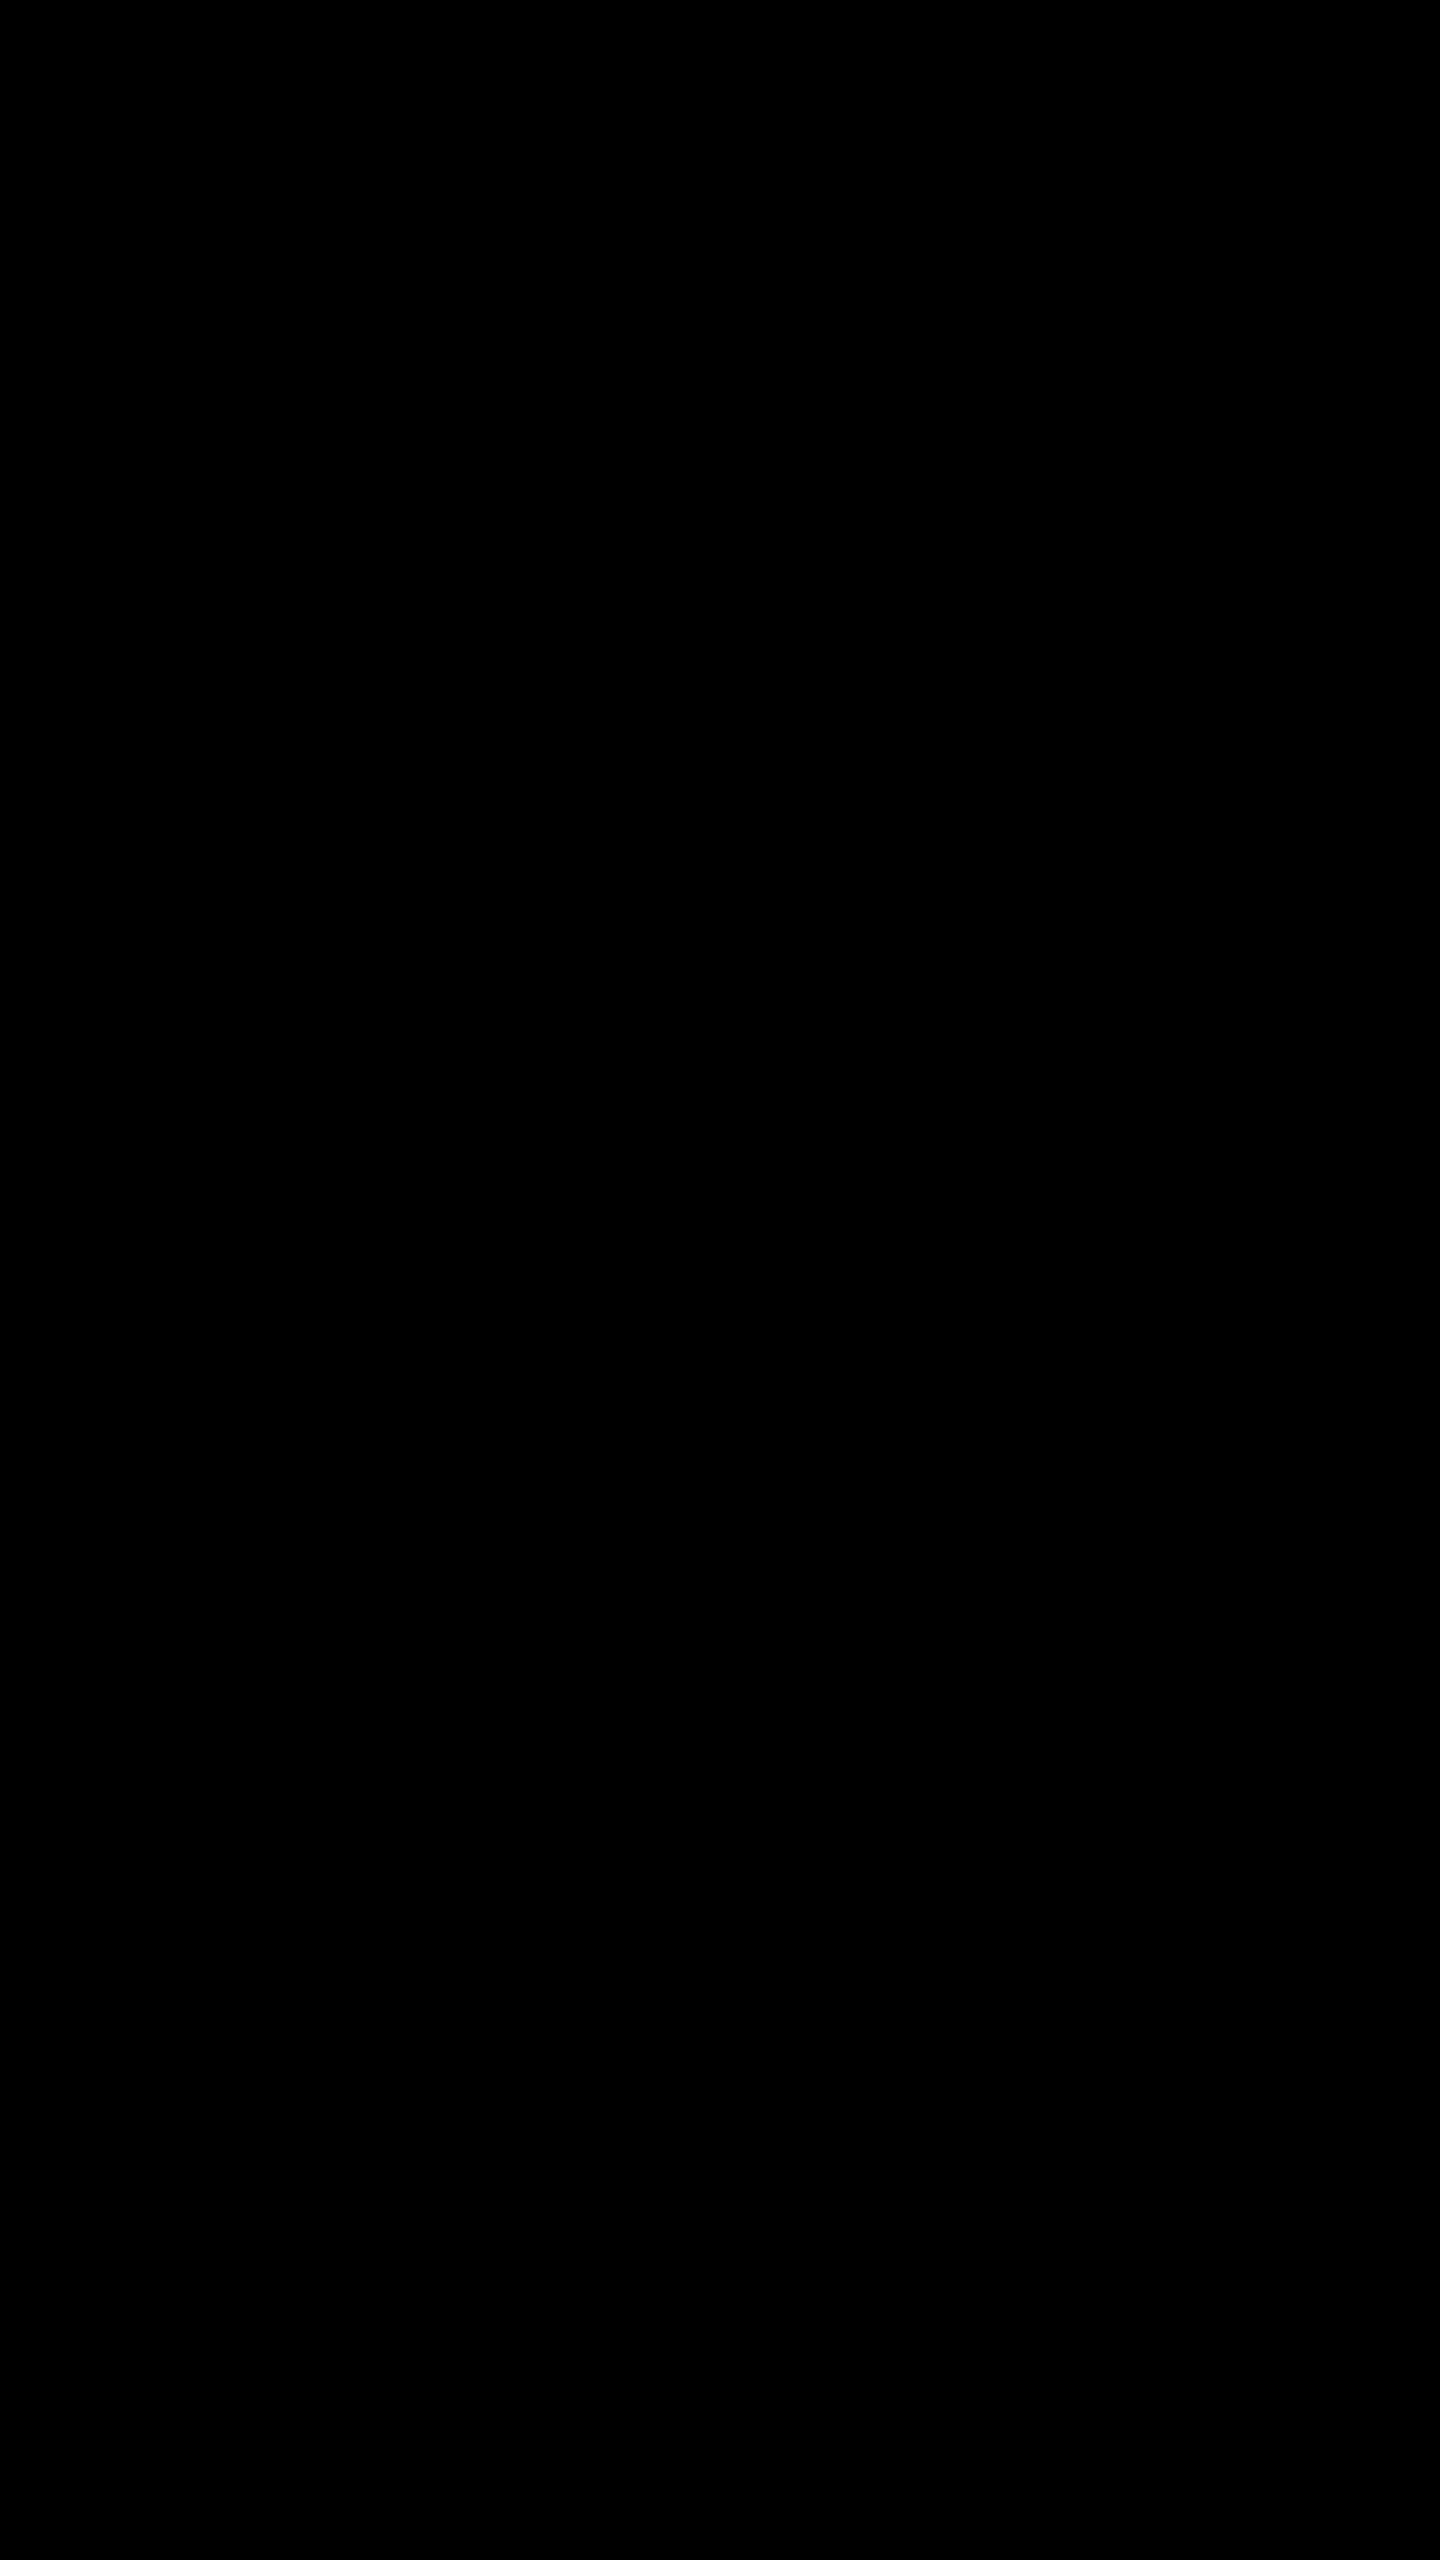 CD2F3EF2-A4A9-42C2-B365-197803329868